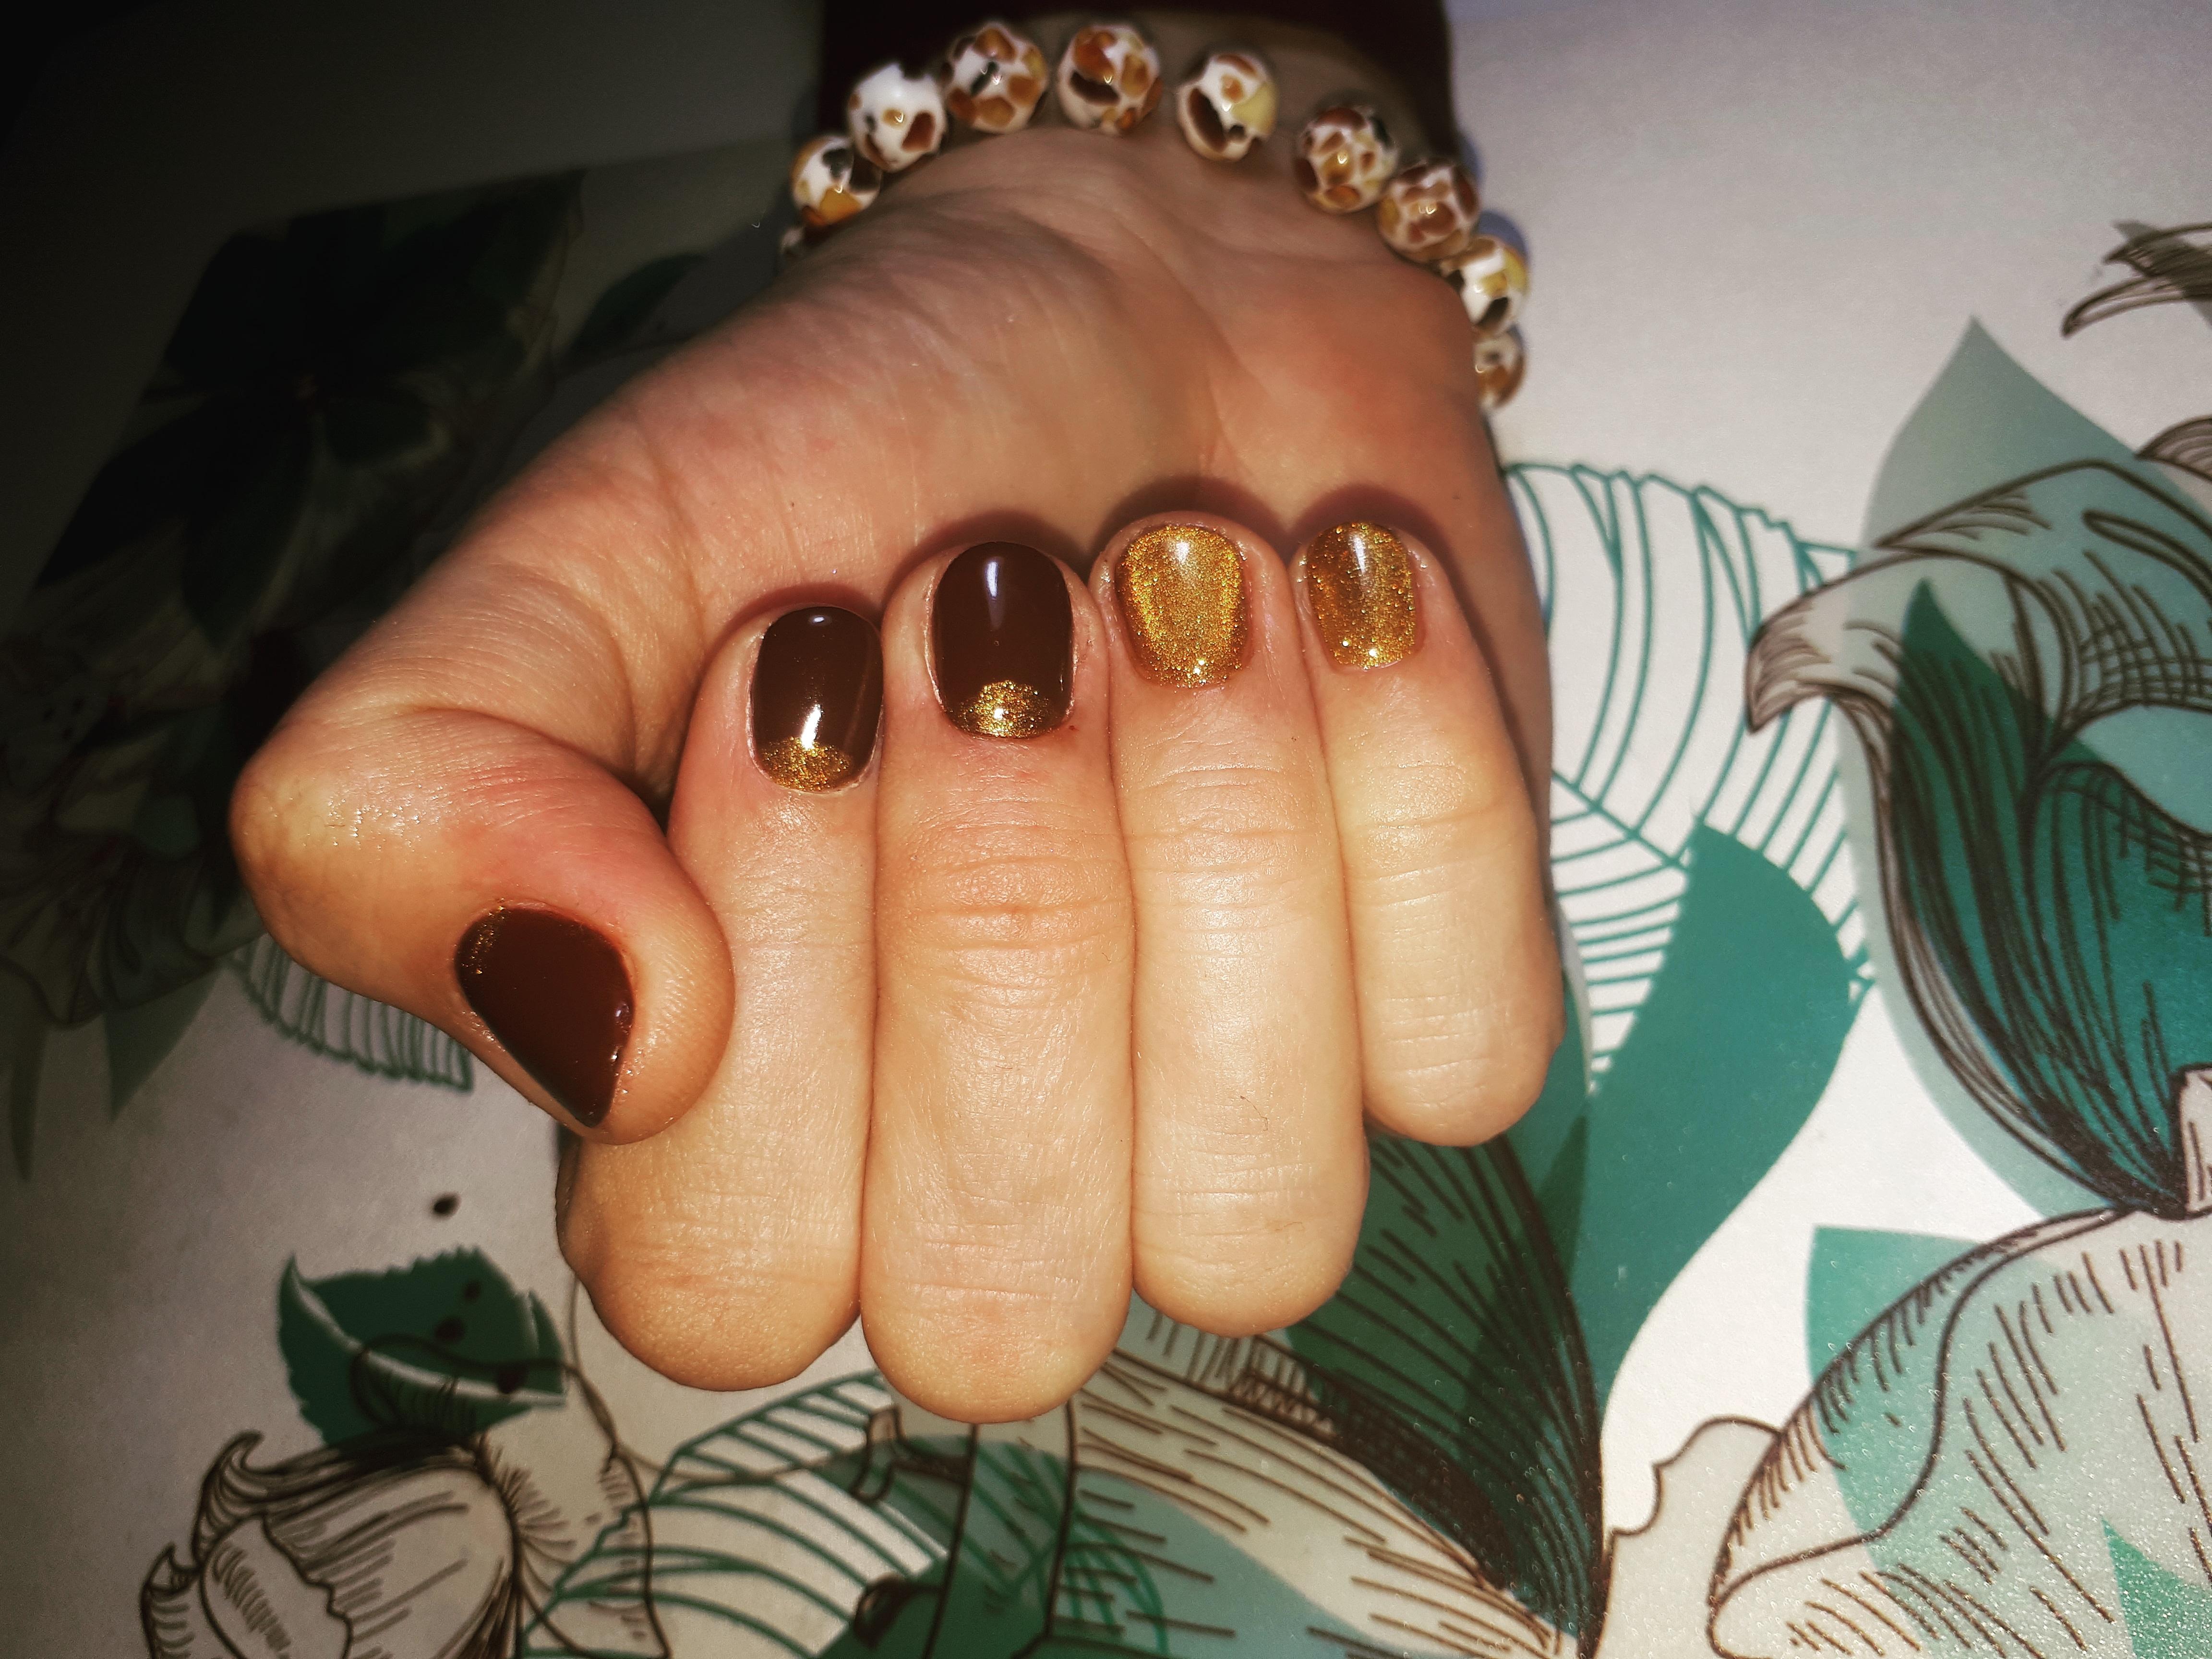 Лунный маникюр в шоколадном цвете с золотыми блёстками.